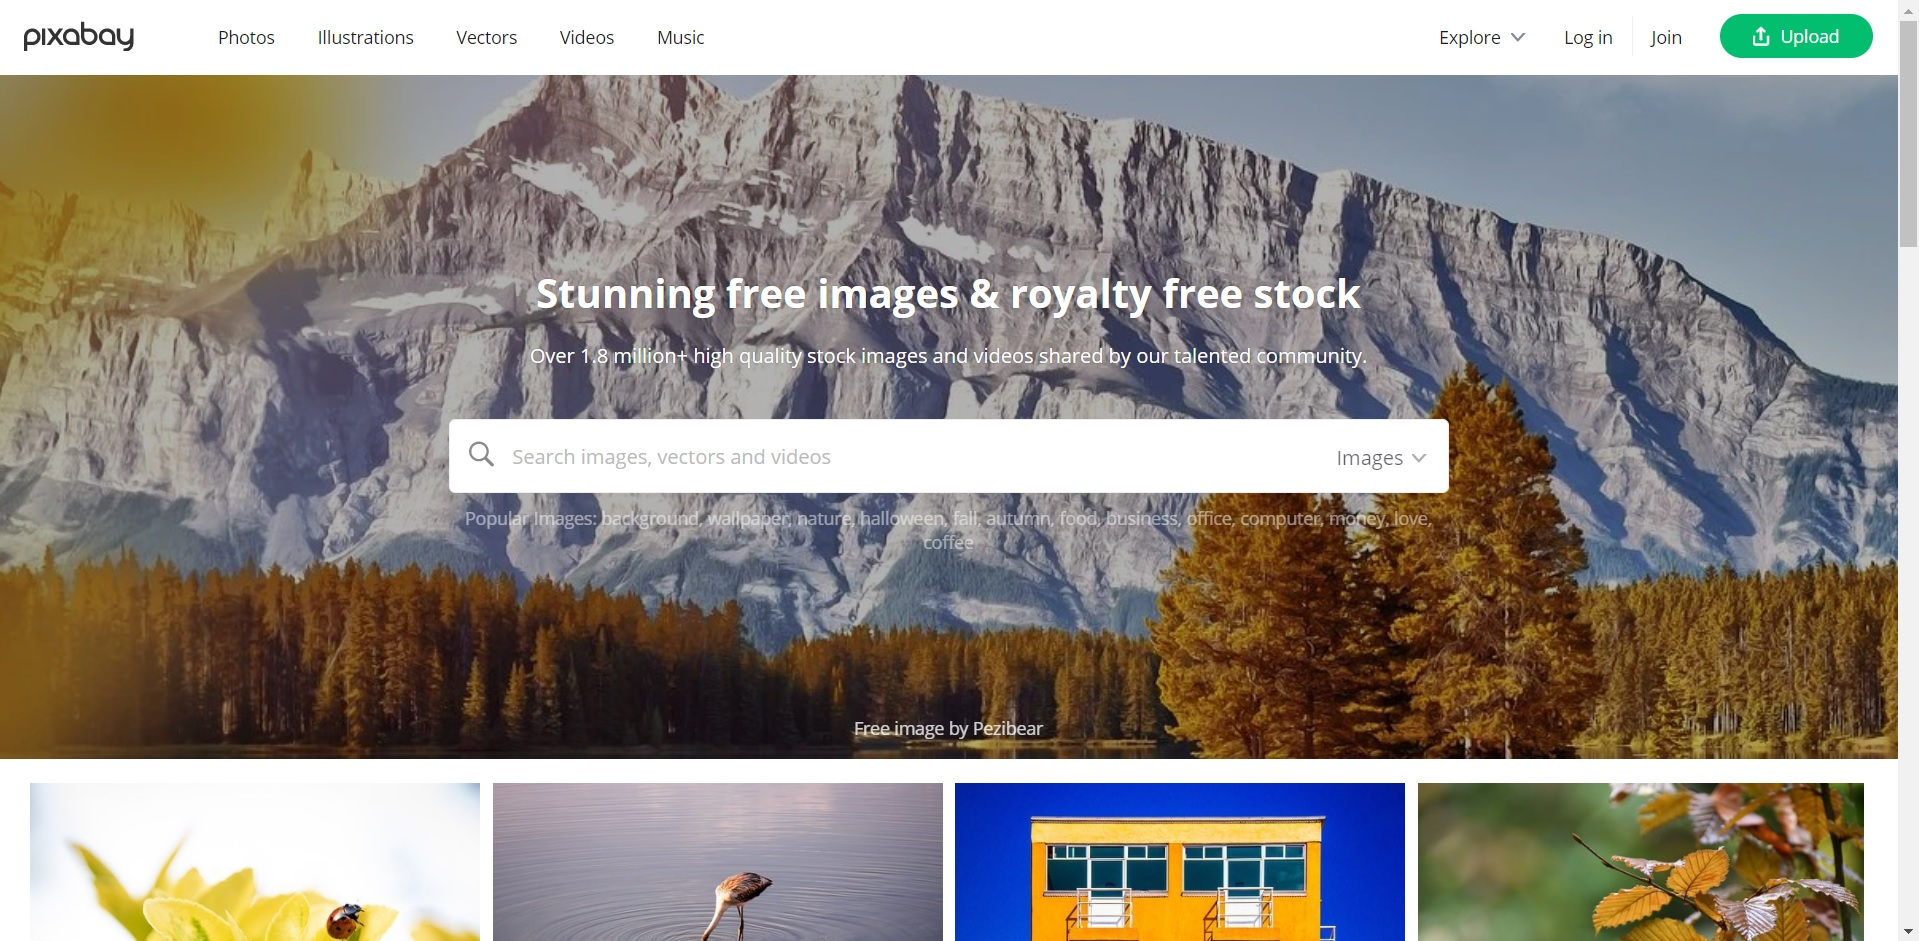 Pixabay: 1.8 million+ Stunning Free Images to Use Anywhere